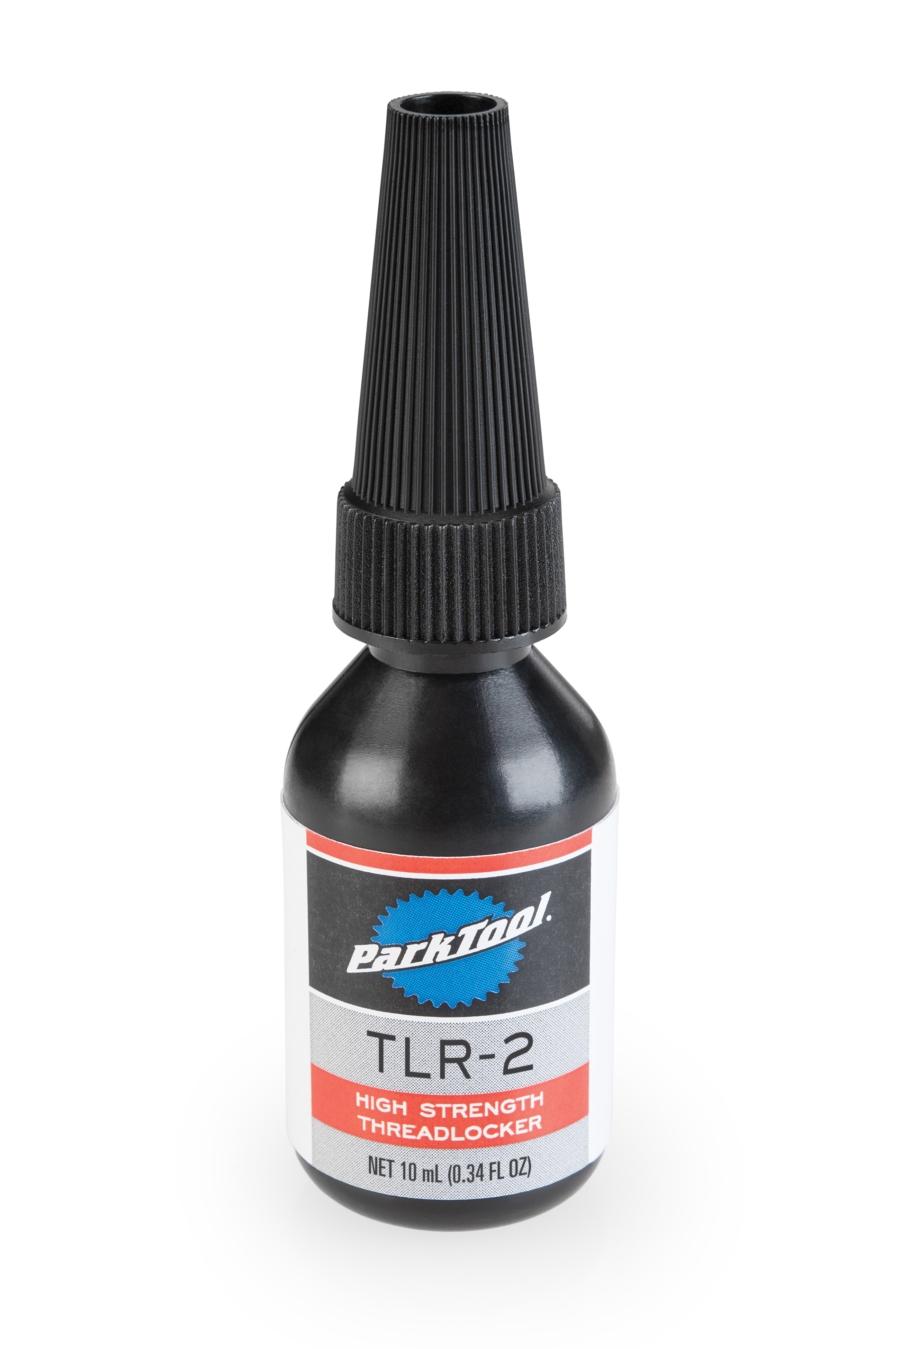 Frein Filet Park Tool Rouge Forte résistance - TLR-2